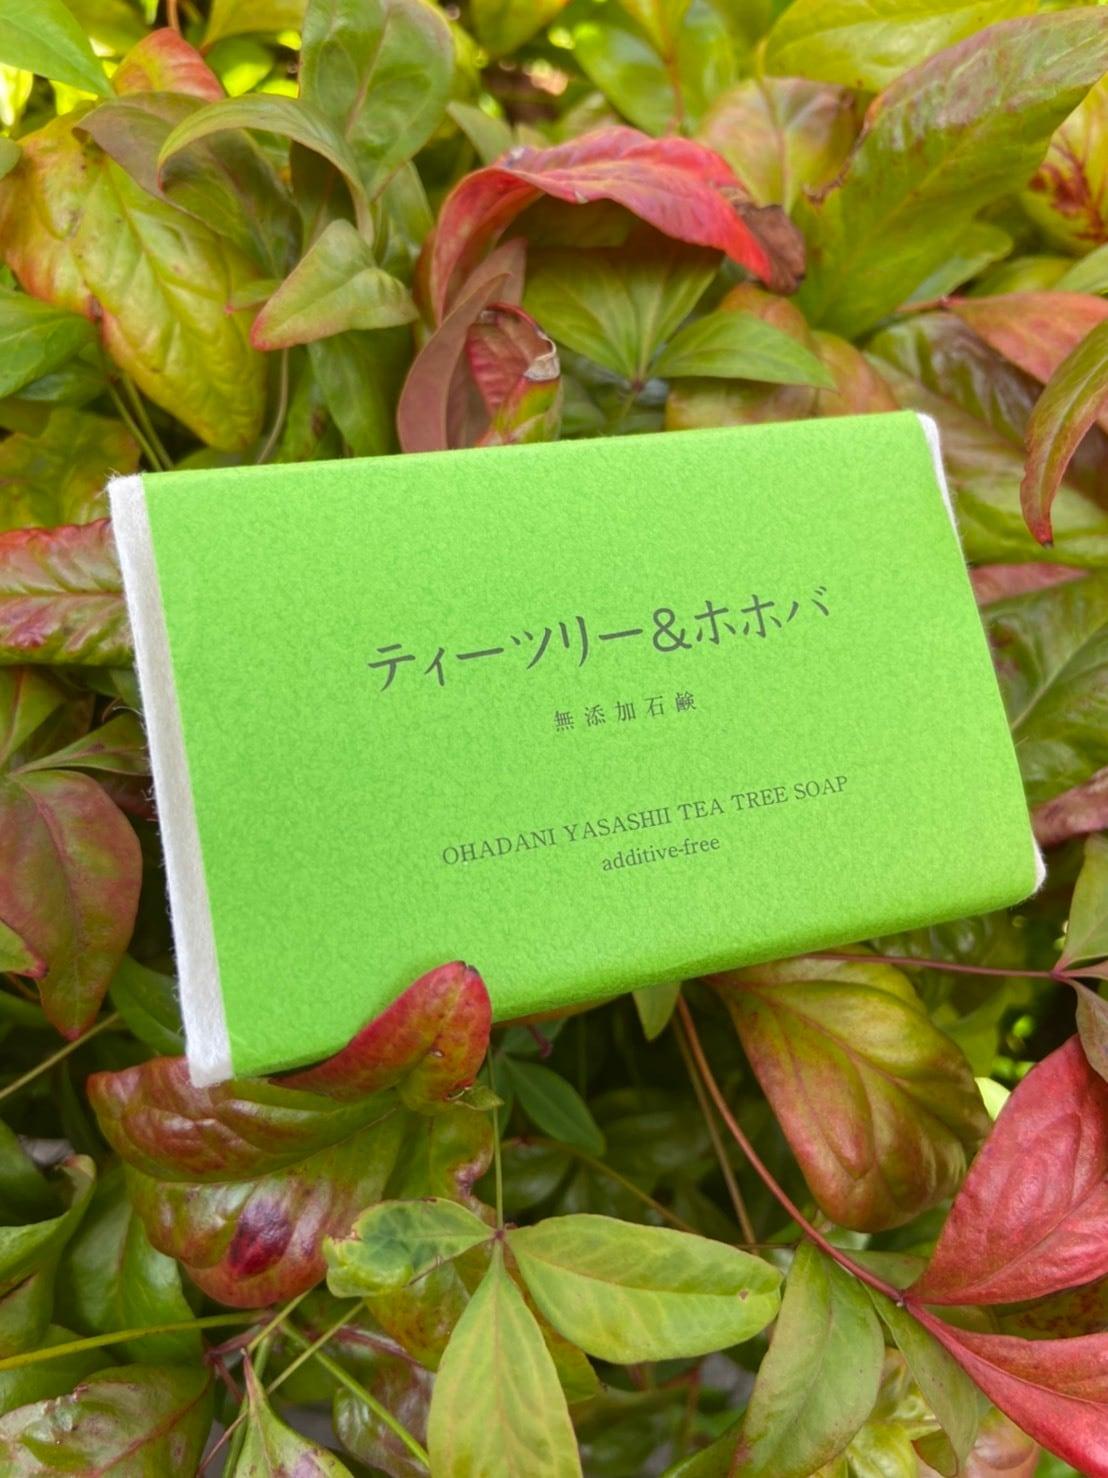 【無添加石鹸本舗】ティーツリー&ホホバ石鹸